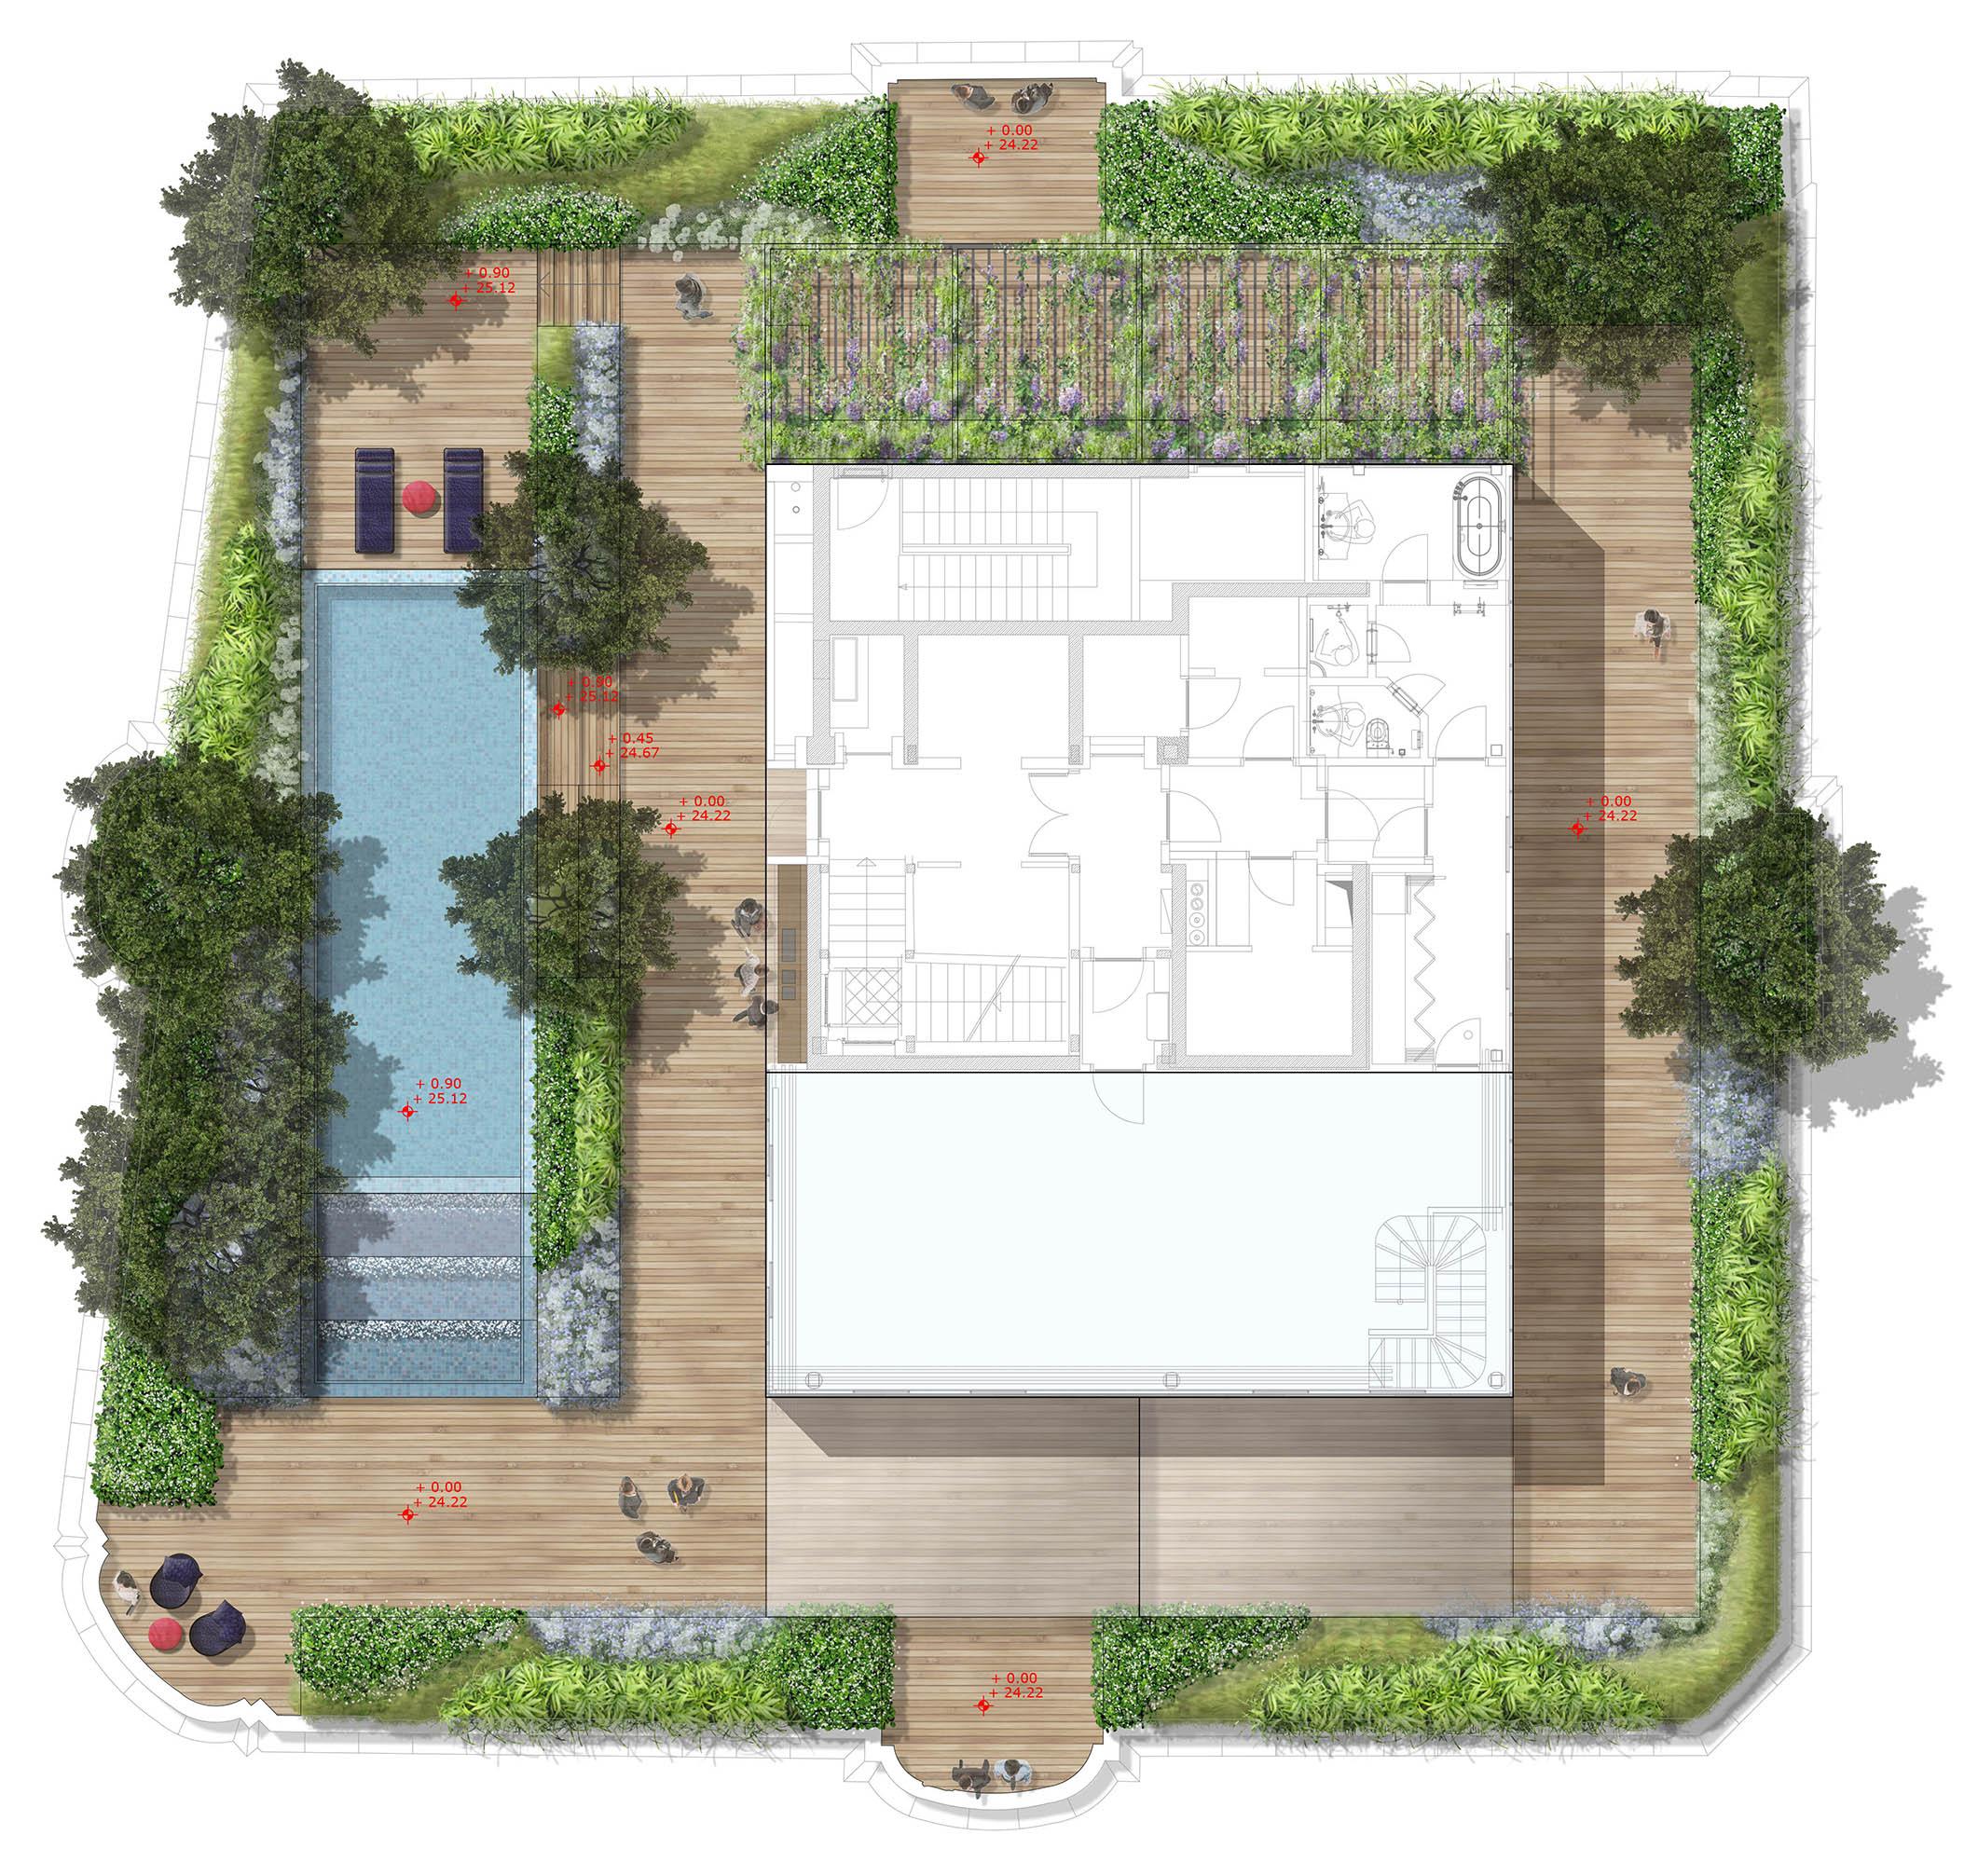 building-1 rooftop terrace (enea landscape architecture)